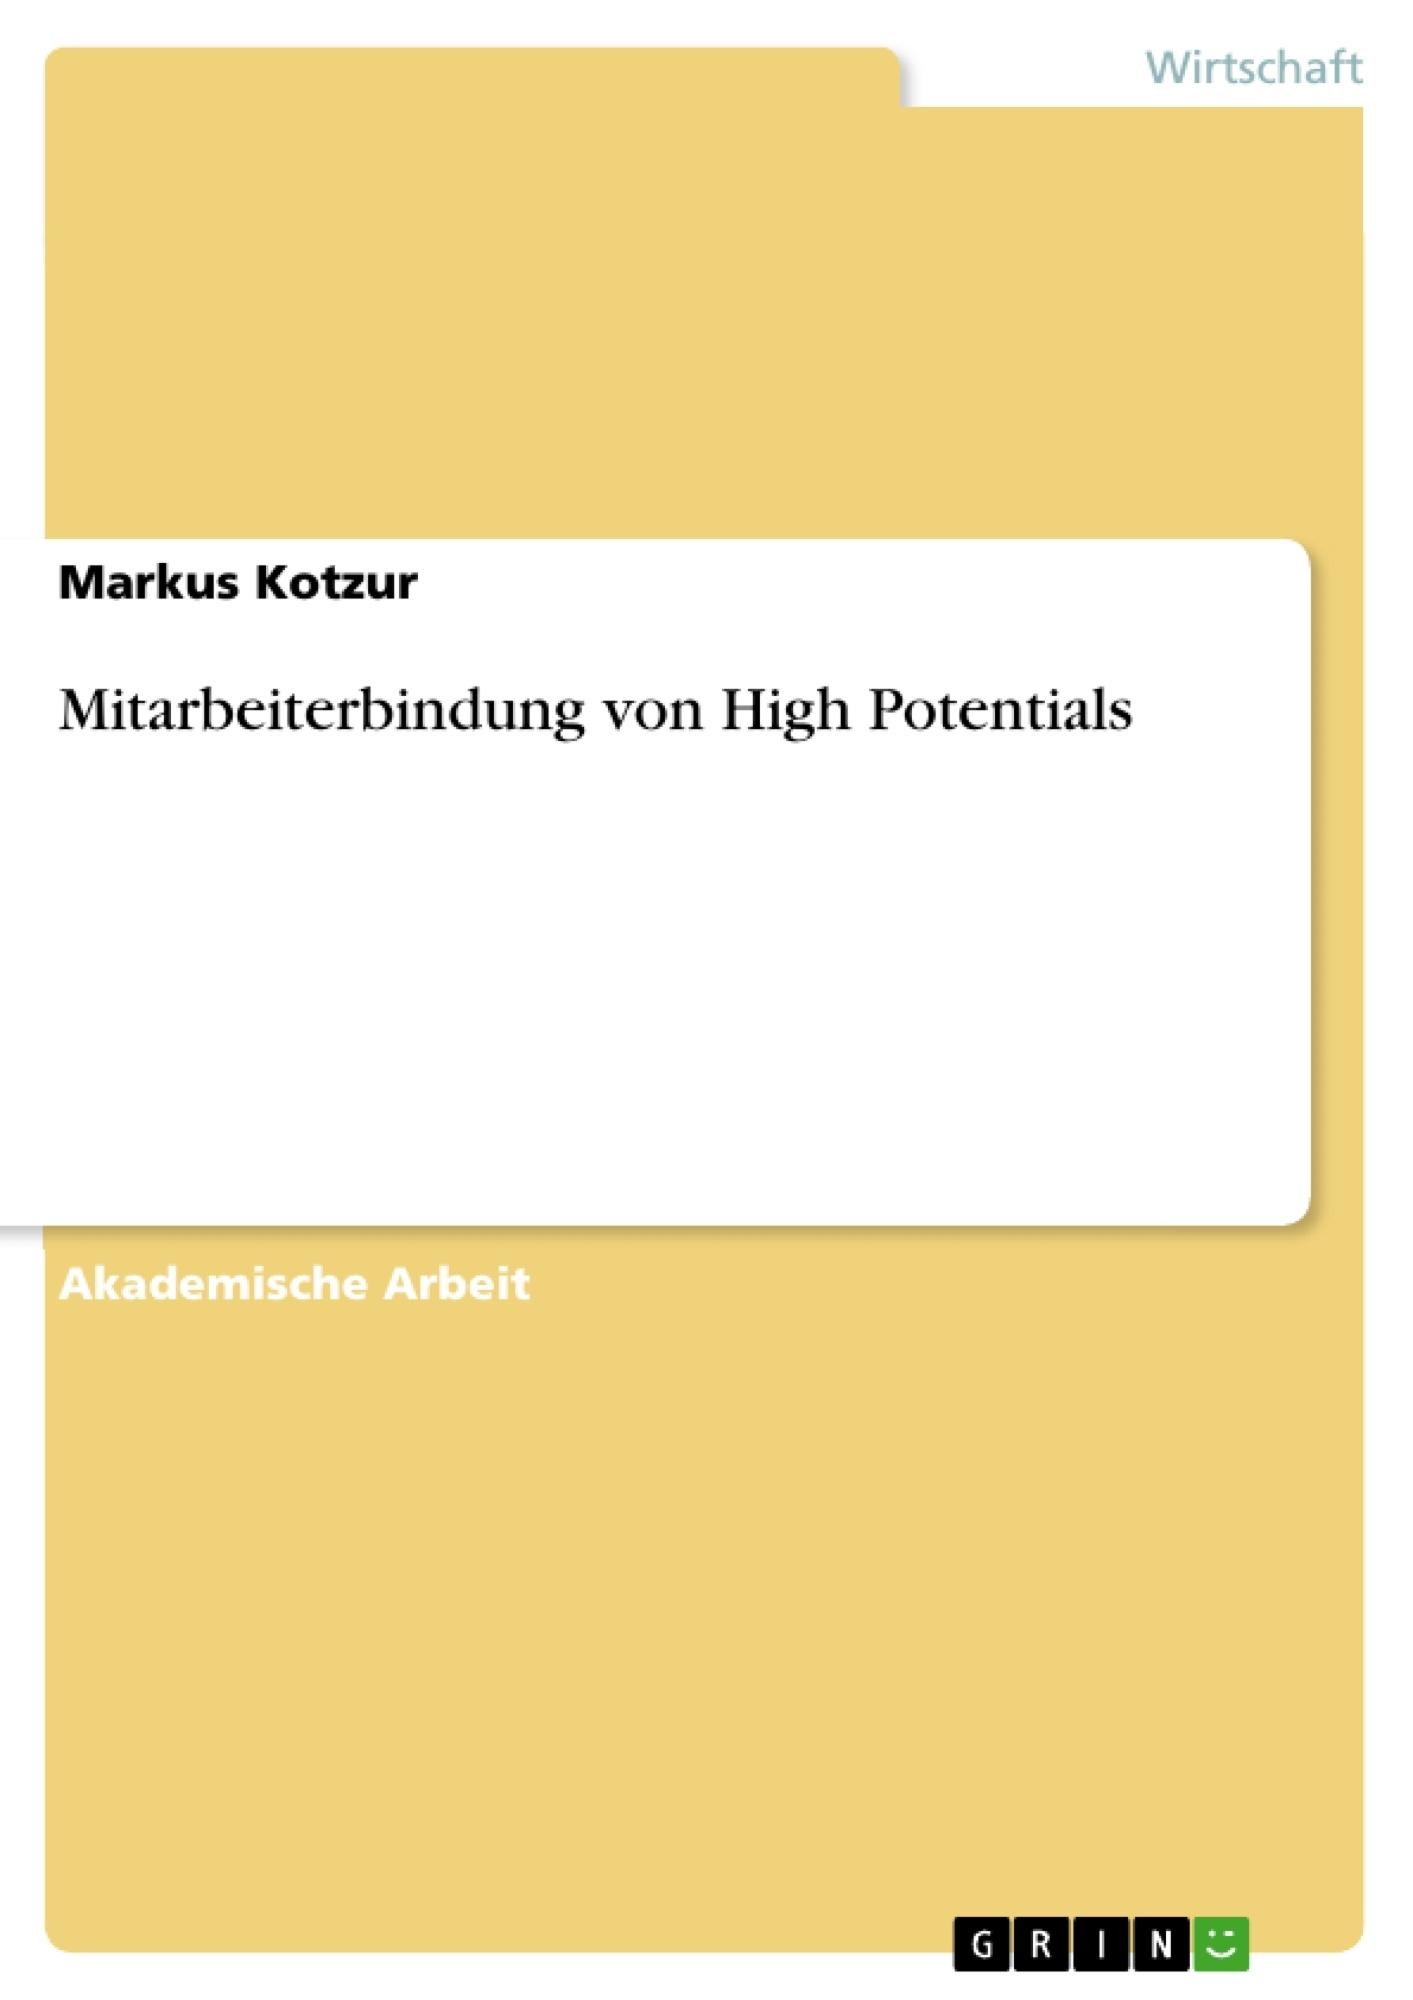 Titel: Mitarbeiterbindung von High Potentials